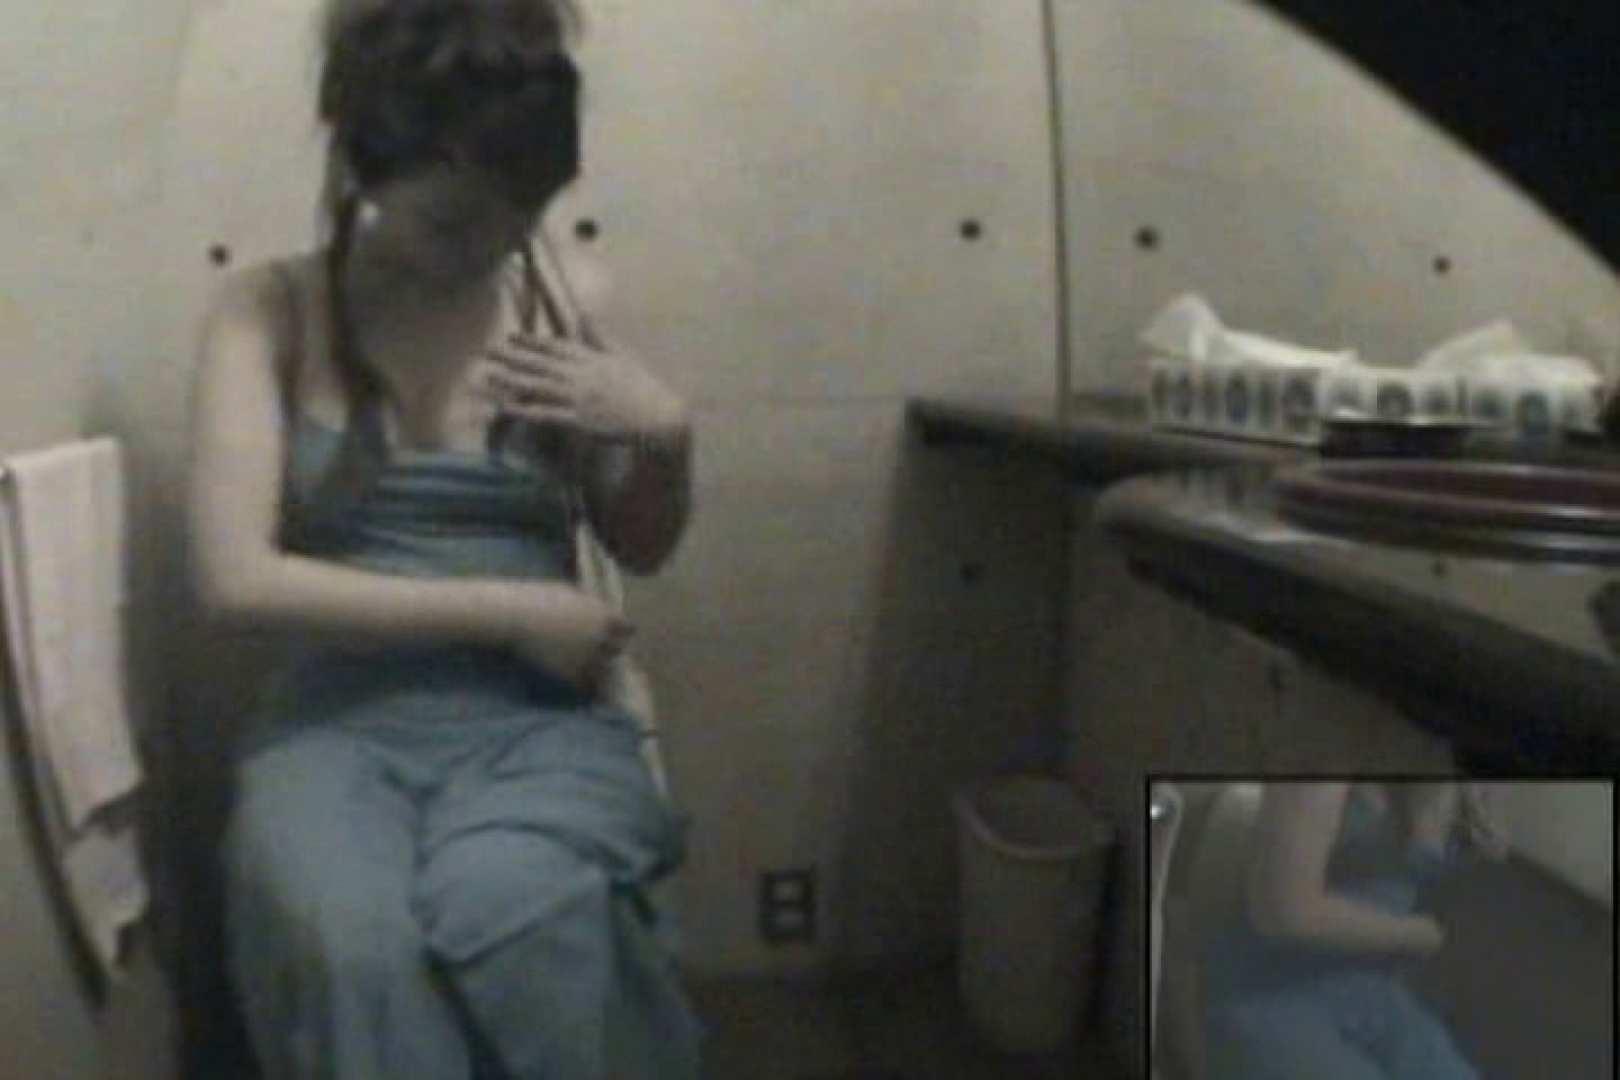 キャバ嬢は仕事の合間でもオナニーします!!Vol.6 オナニーする女性たち 隠し撮りオマンコ動画紹介 80画像 75